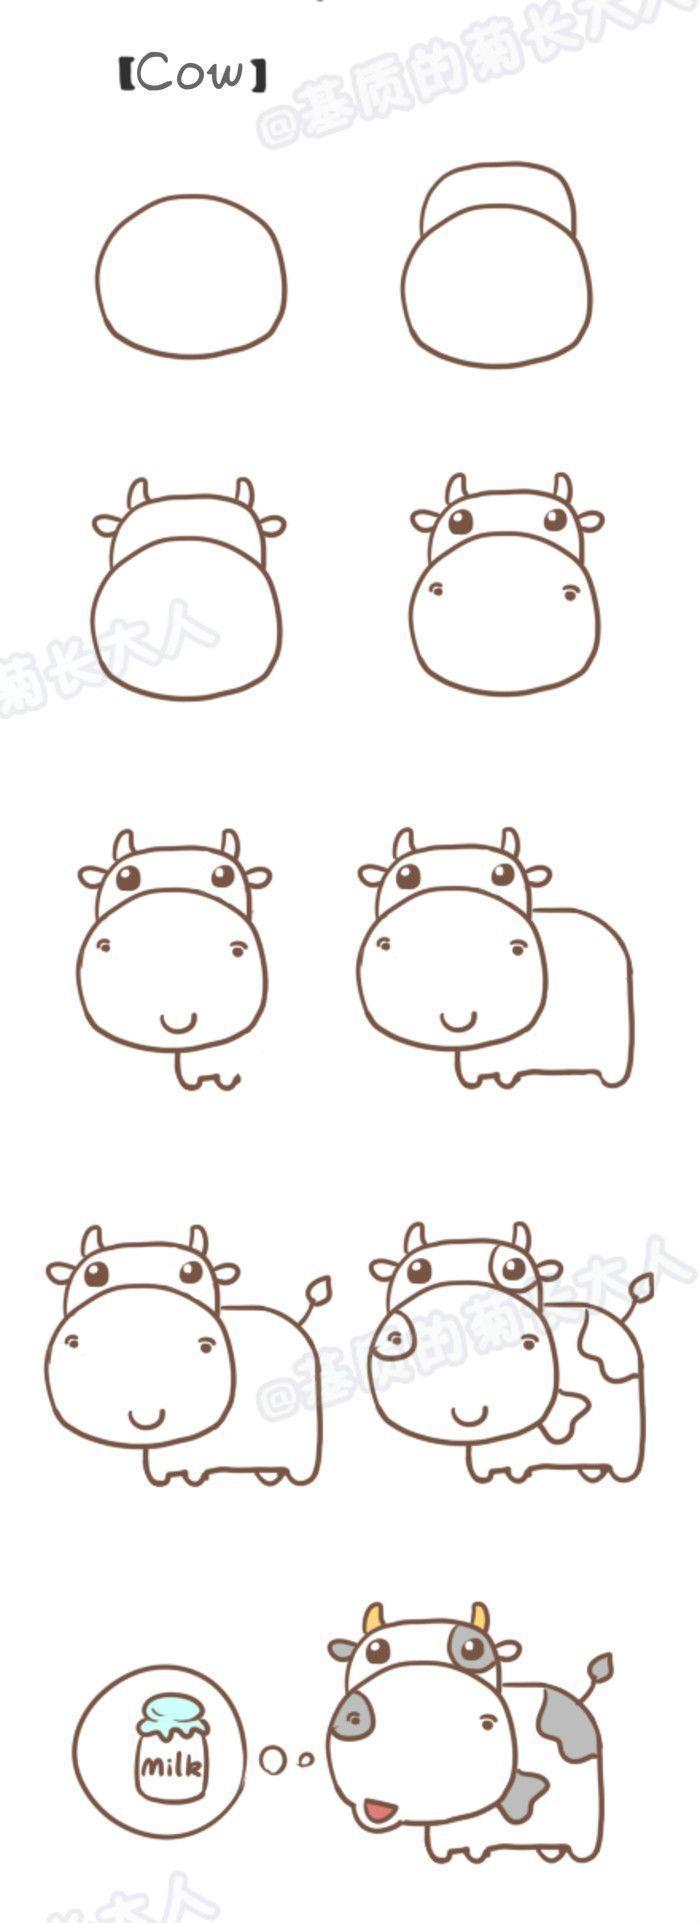 Schritt Für Schritt Zeichnen: Kuh Zeichnen Lernen / Schritt mit Kuh Malen